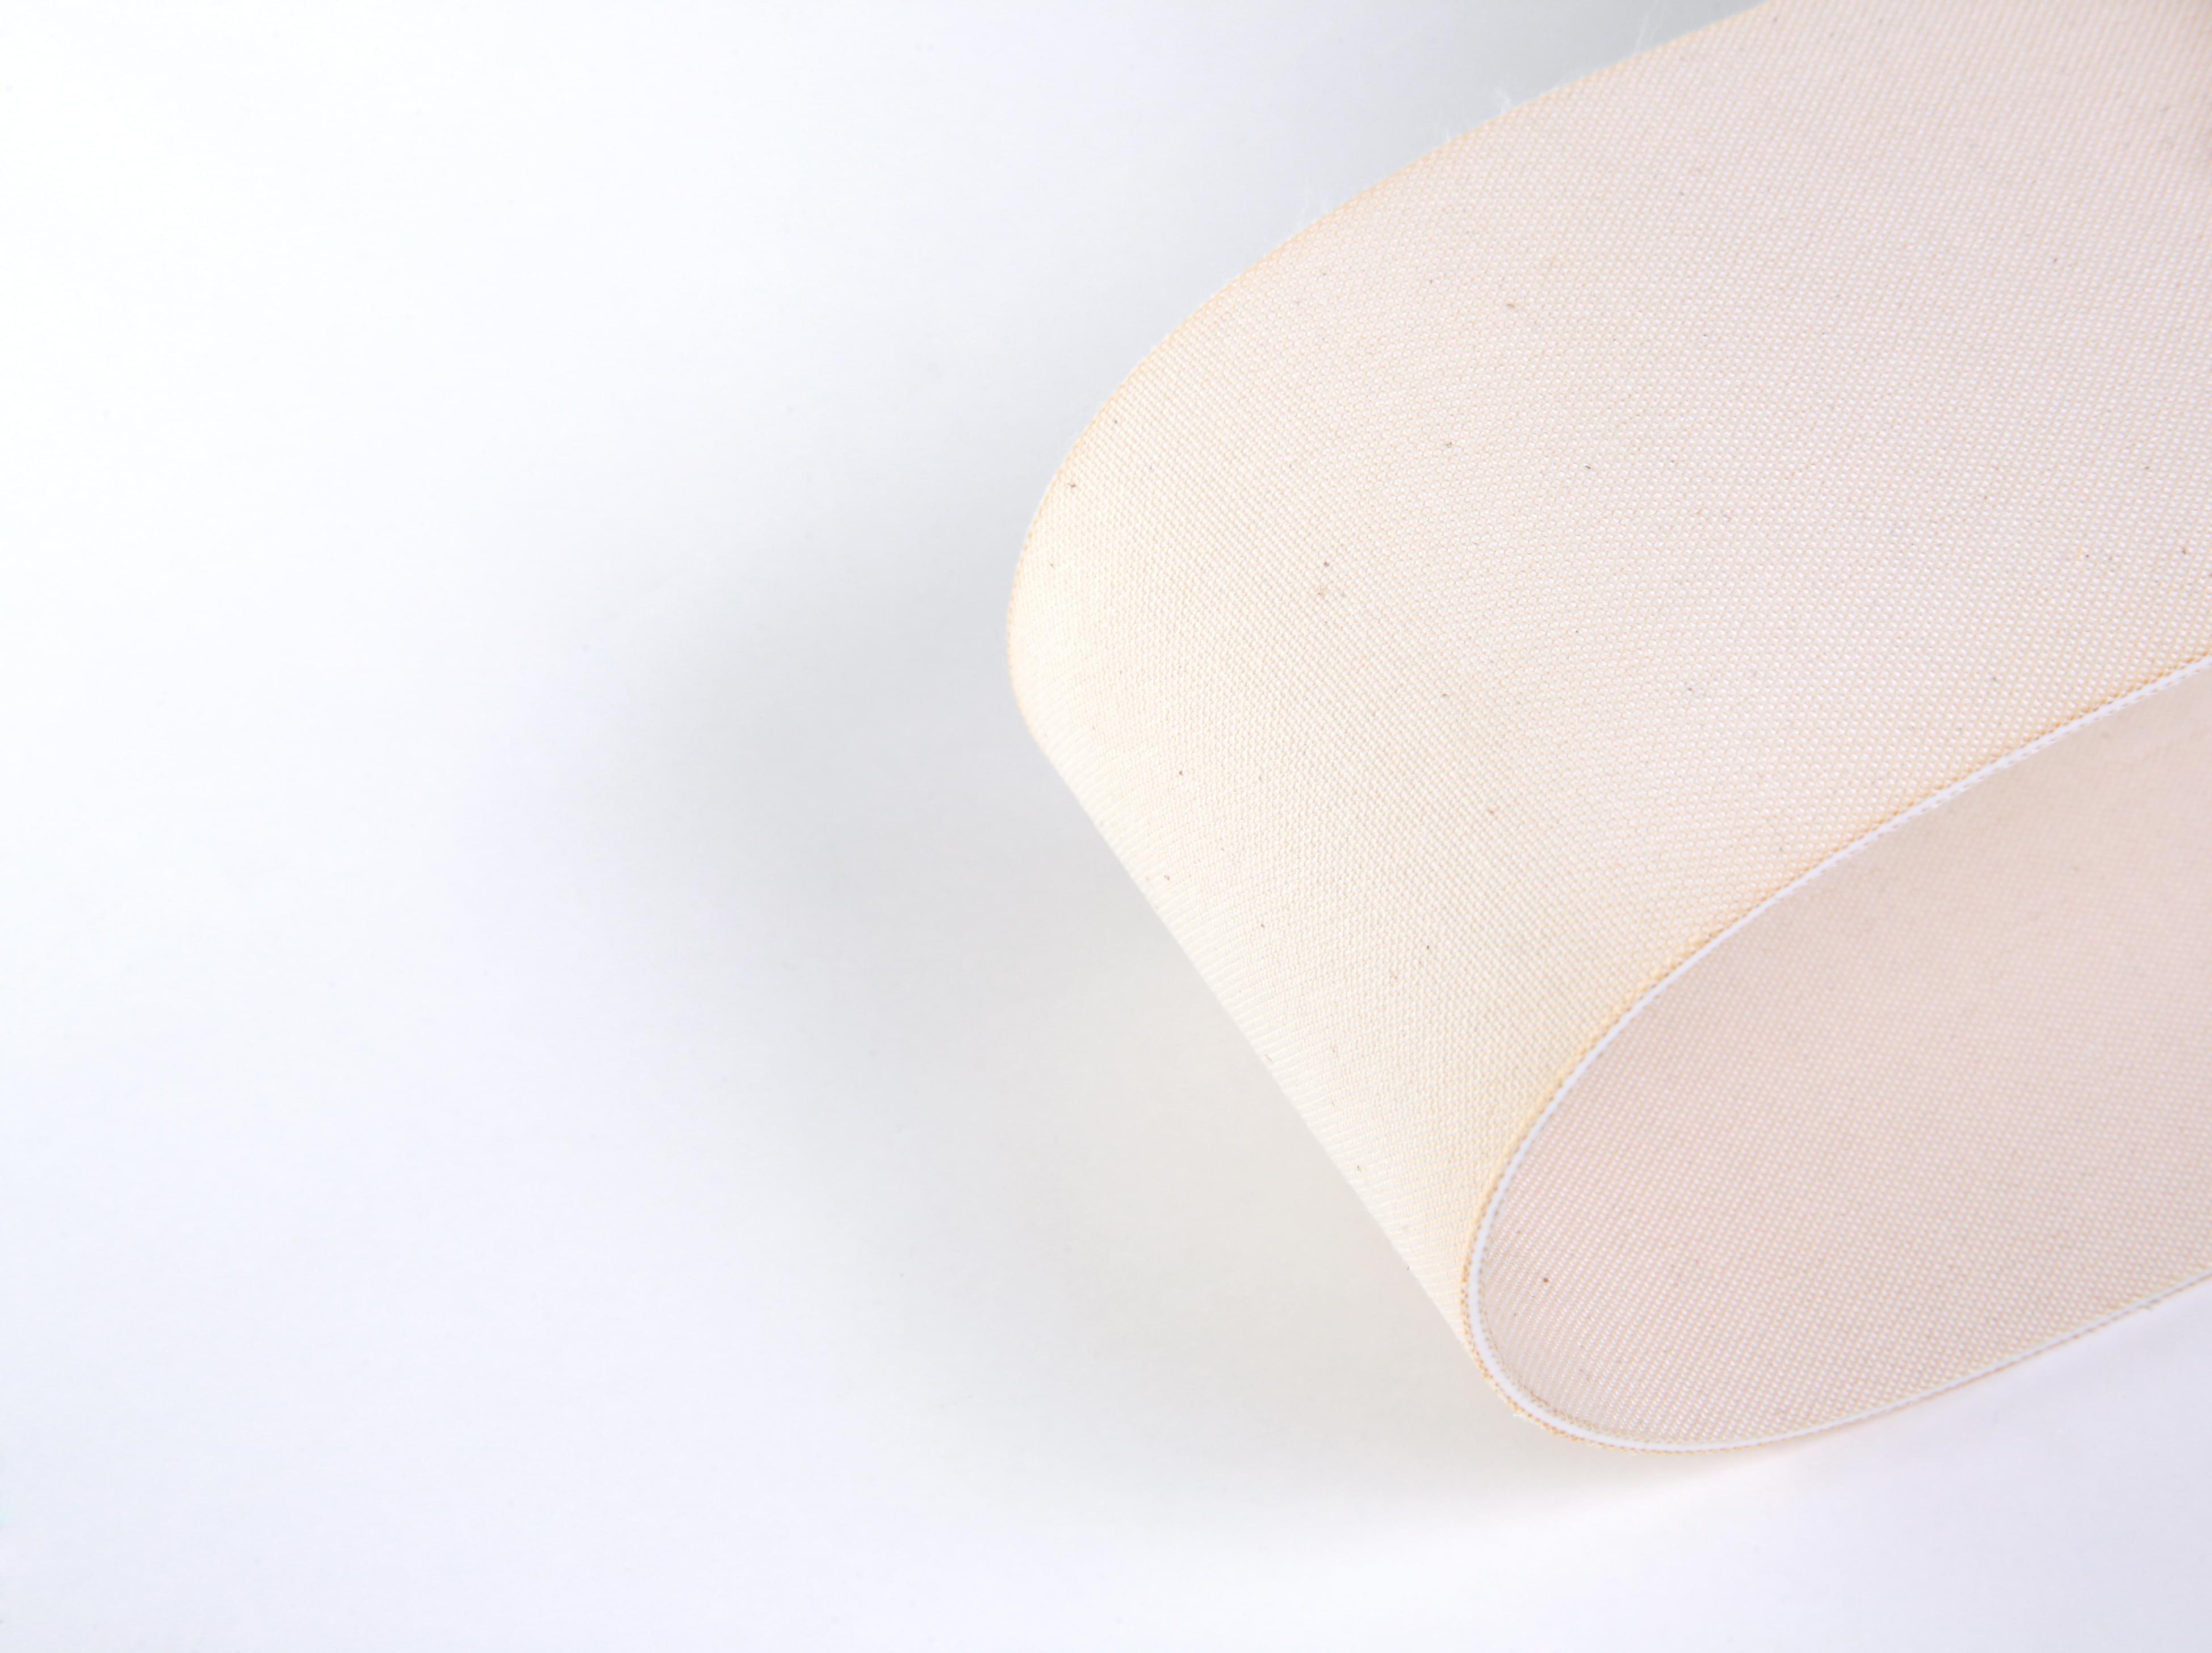 correia PVC com tecidos em algodão